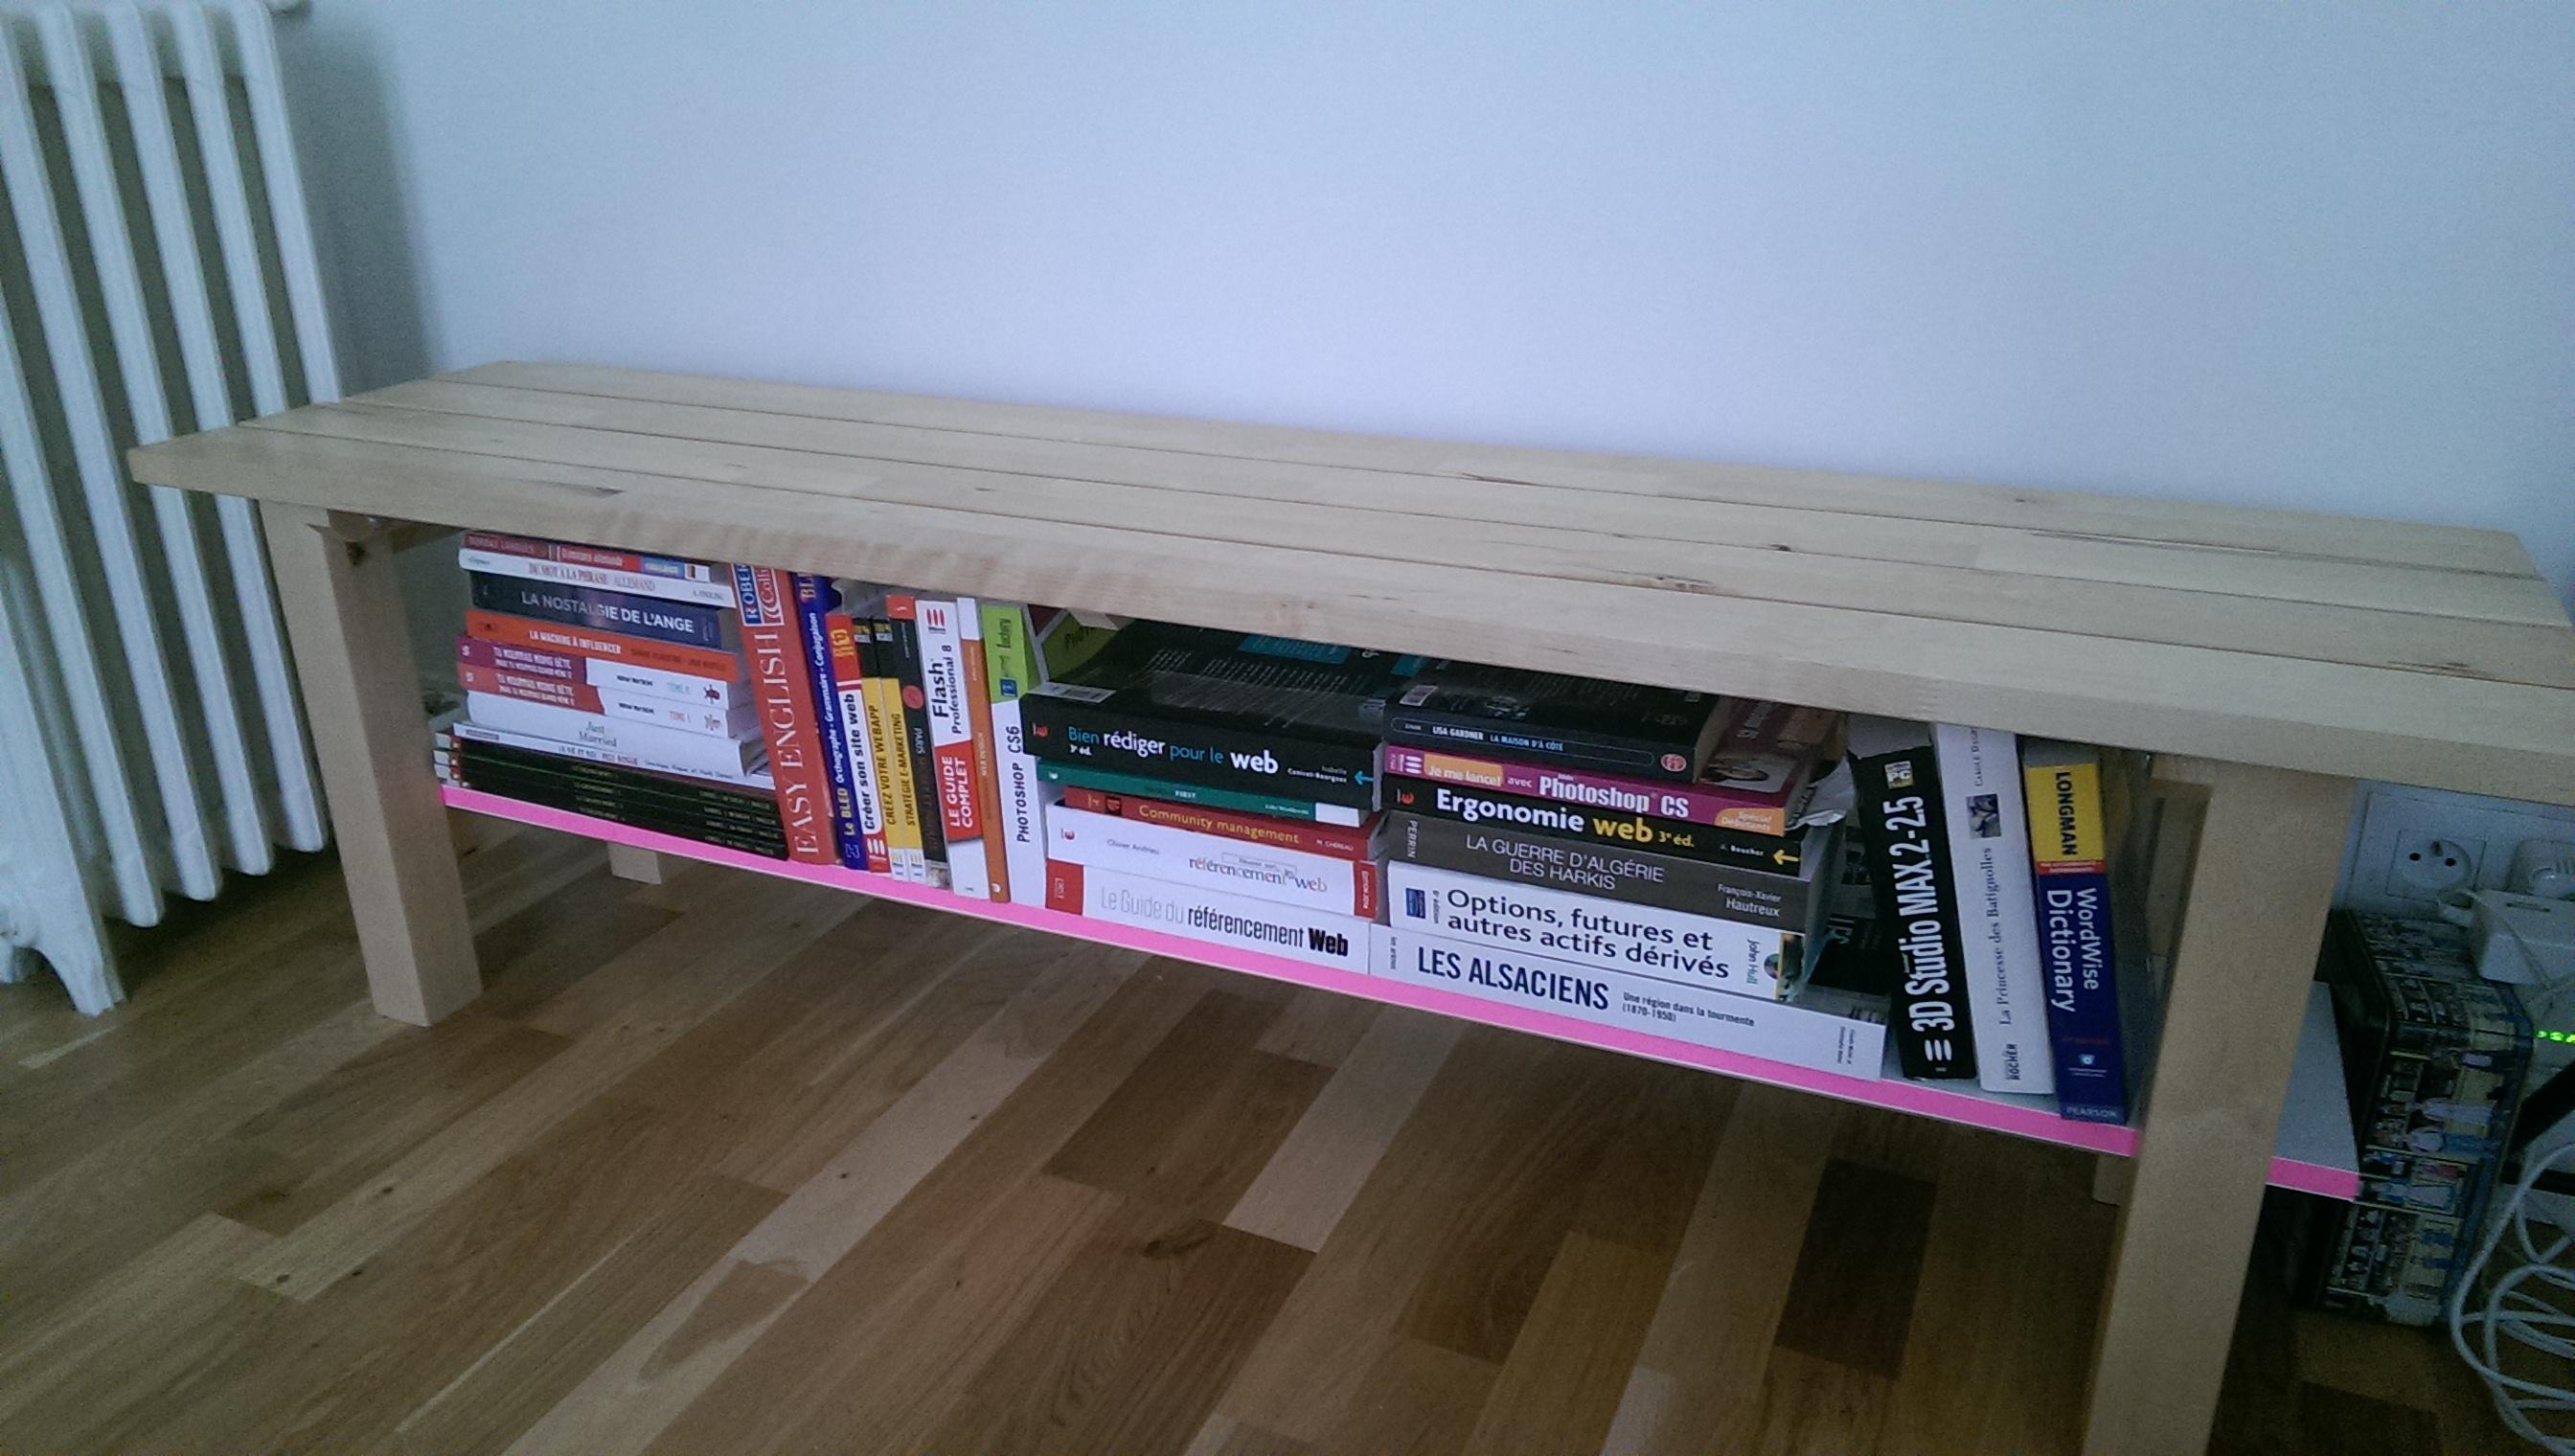 1 la minute deco a blog pourpoint. Black Bedroom Furniture Sets. Home Design Ideas